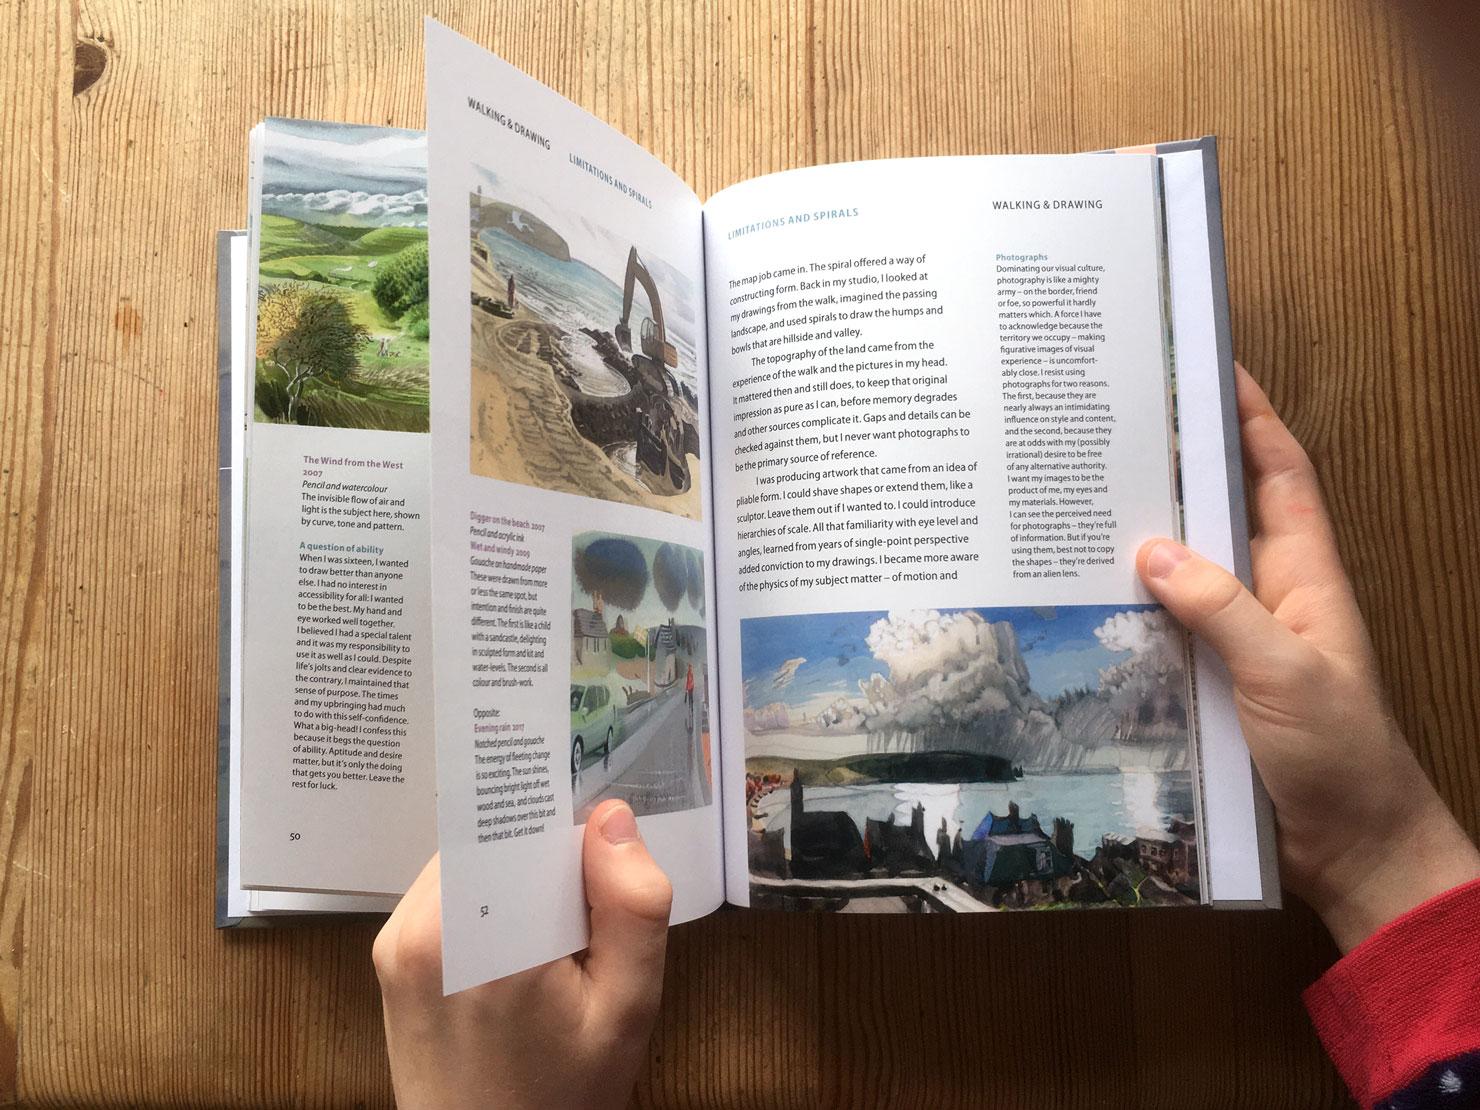 W&D-book-P52-open